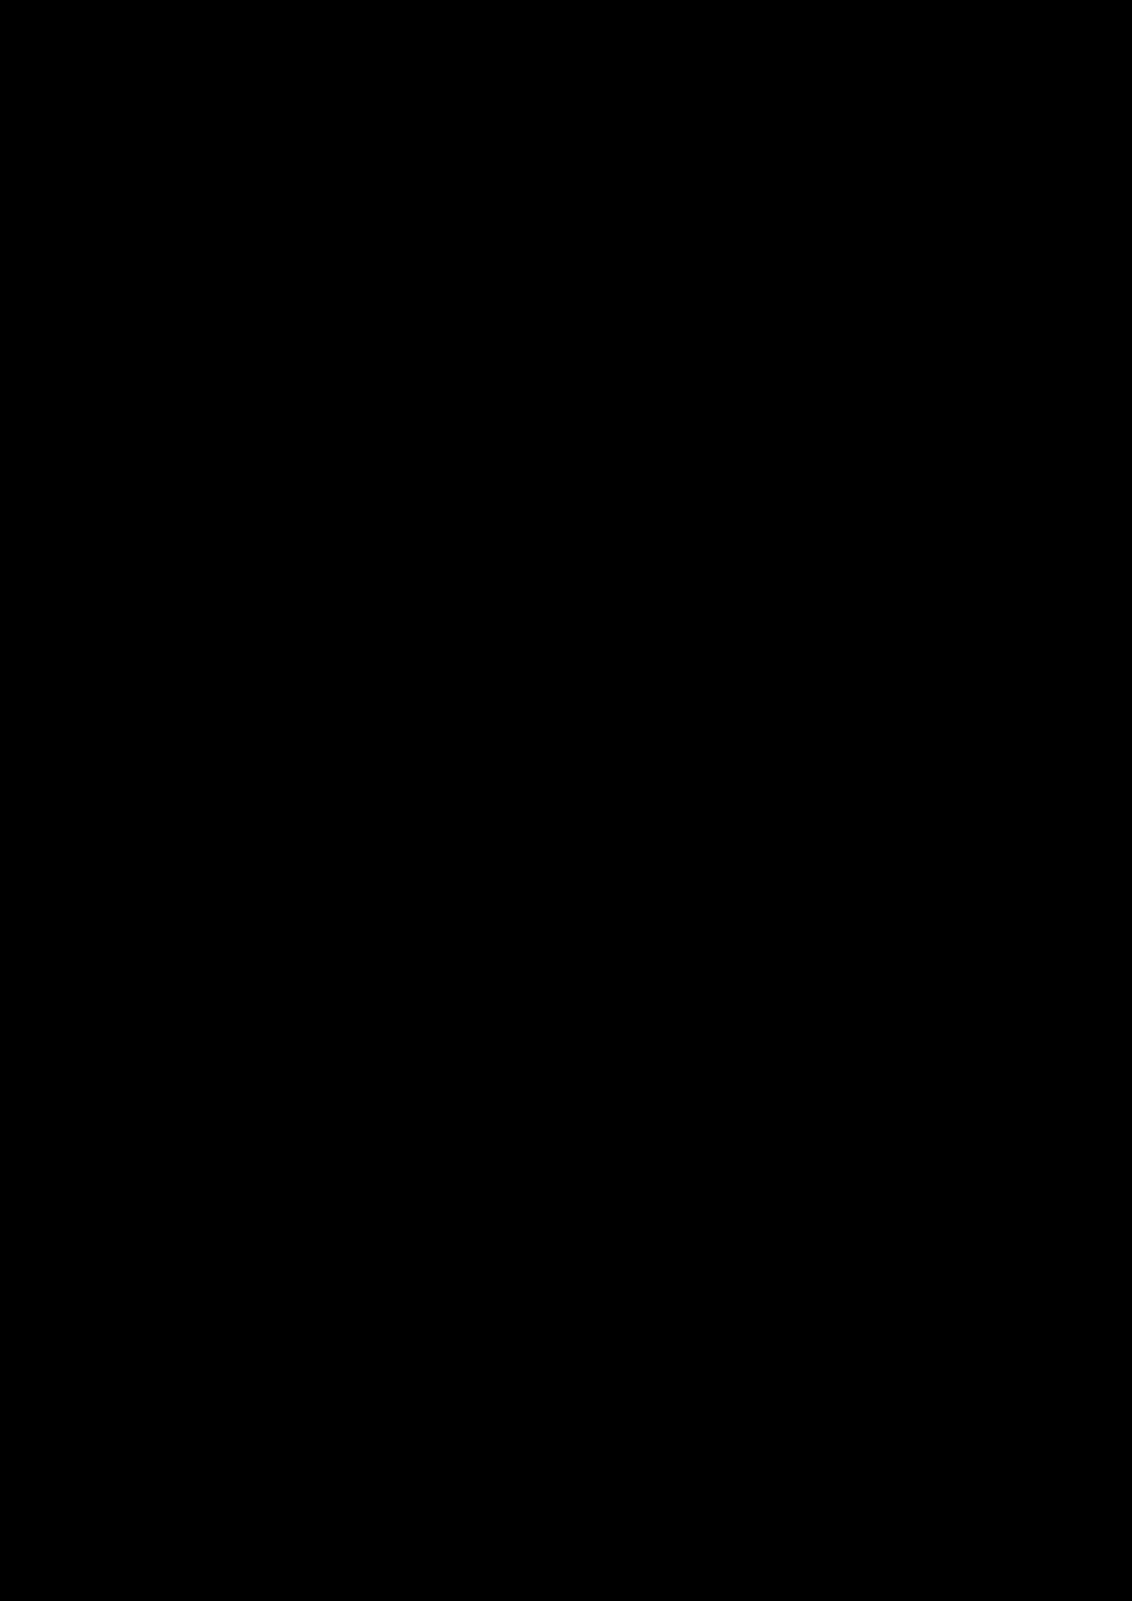 Toccata A-moll slide, Image 8